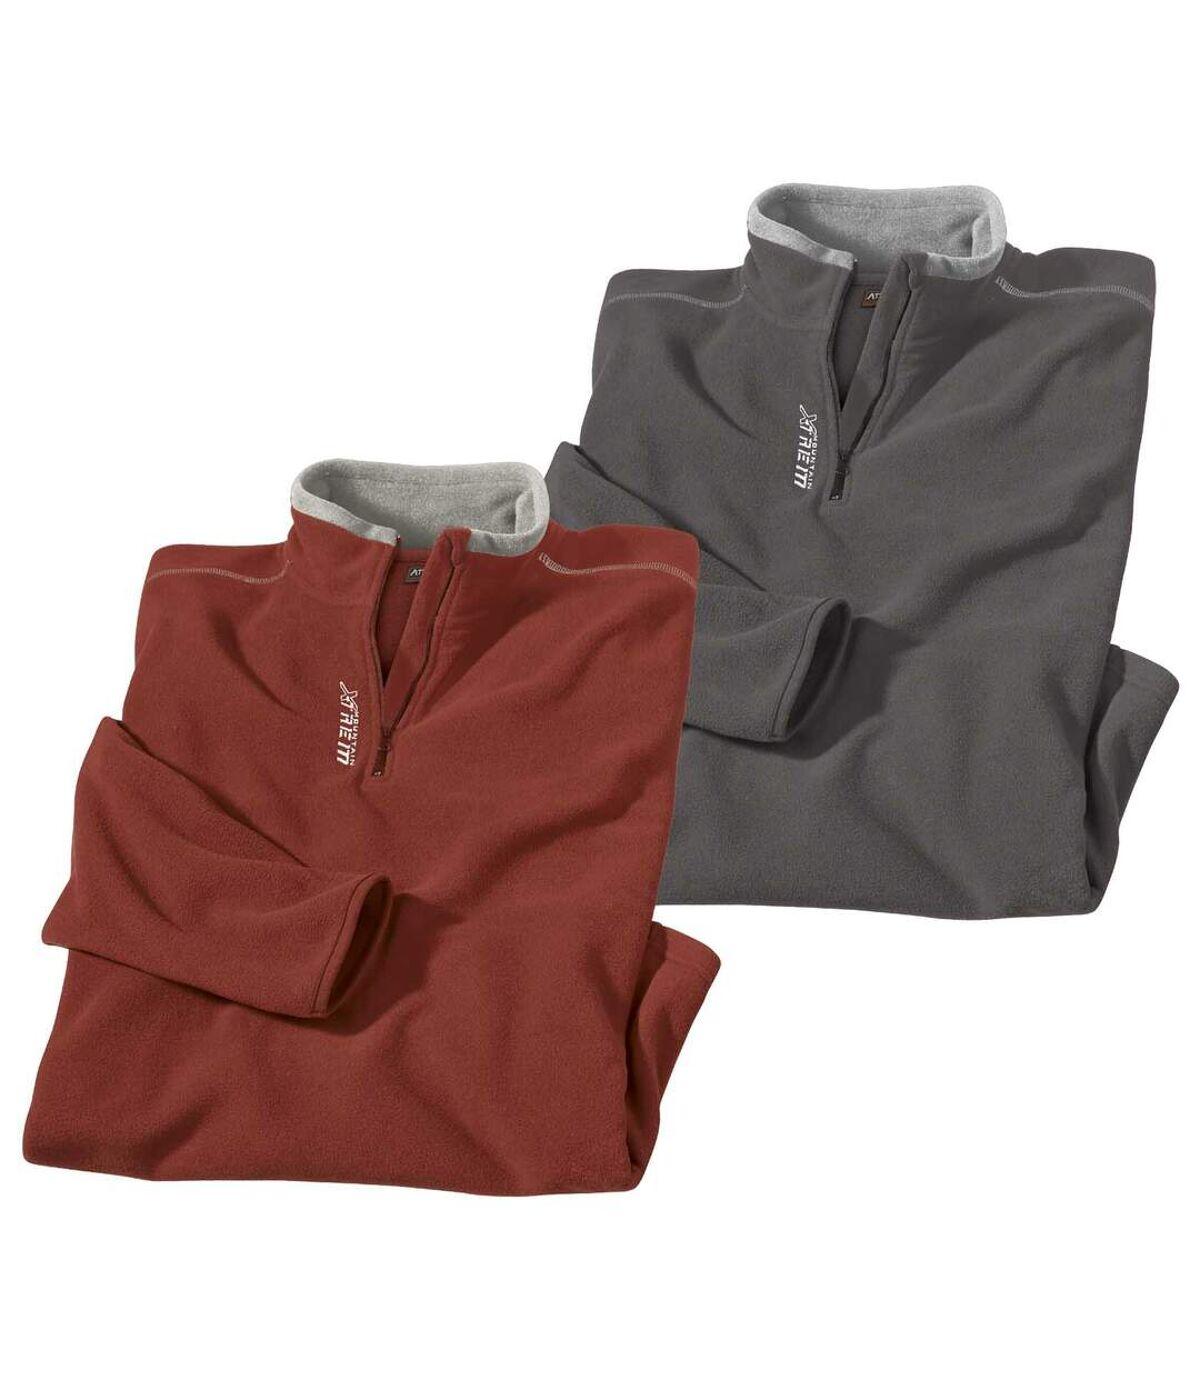 2er-Pack Pullover S-Trem aus Microfleece Atlas For Men